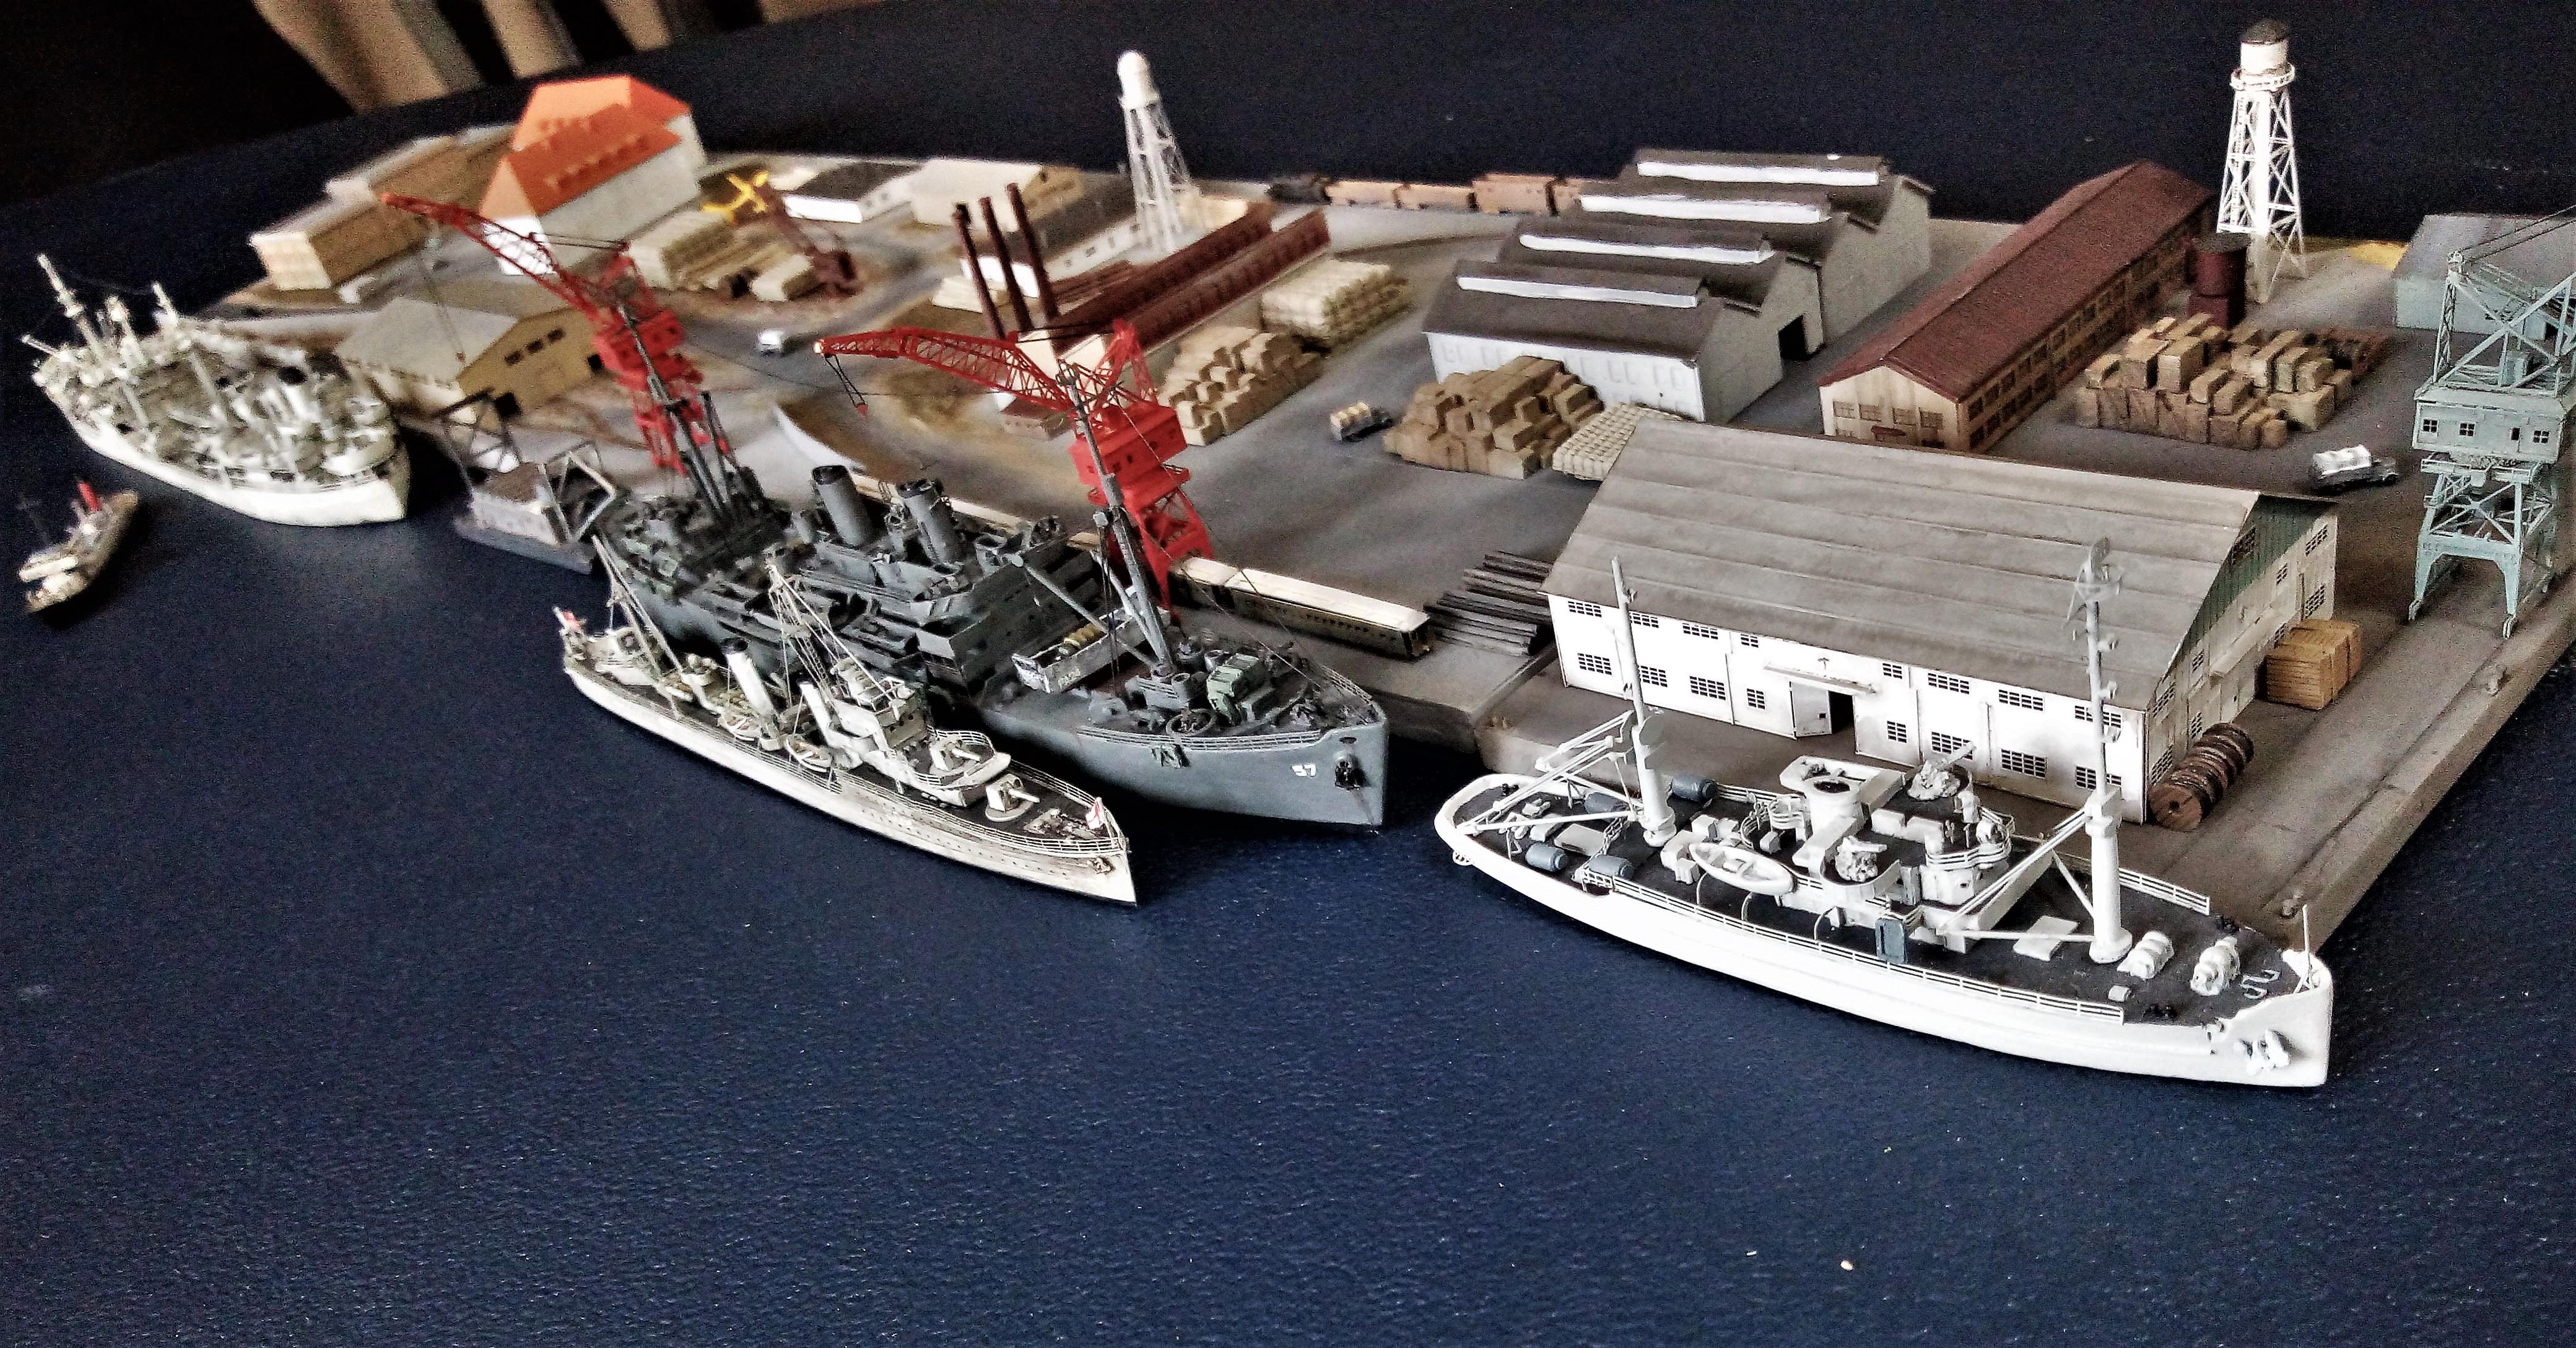 Diorama base navale 1/700 par Nesquik - Page 4 Cw49